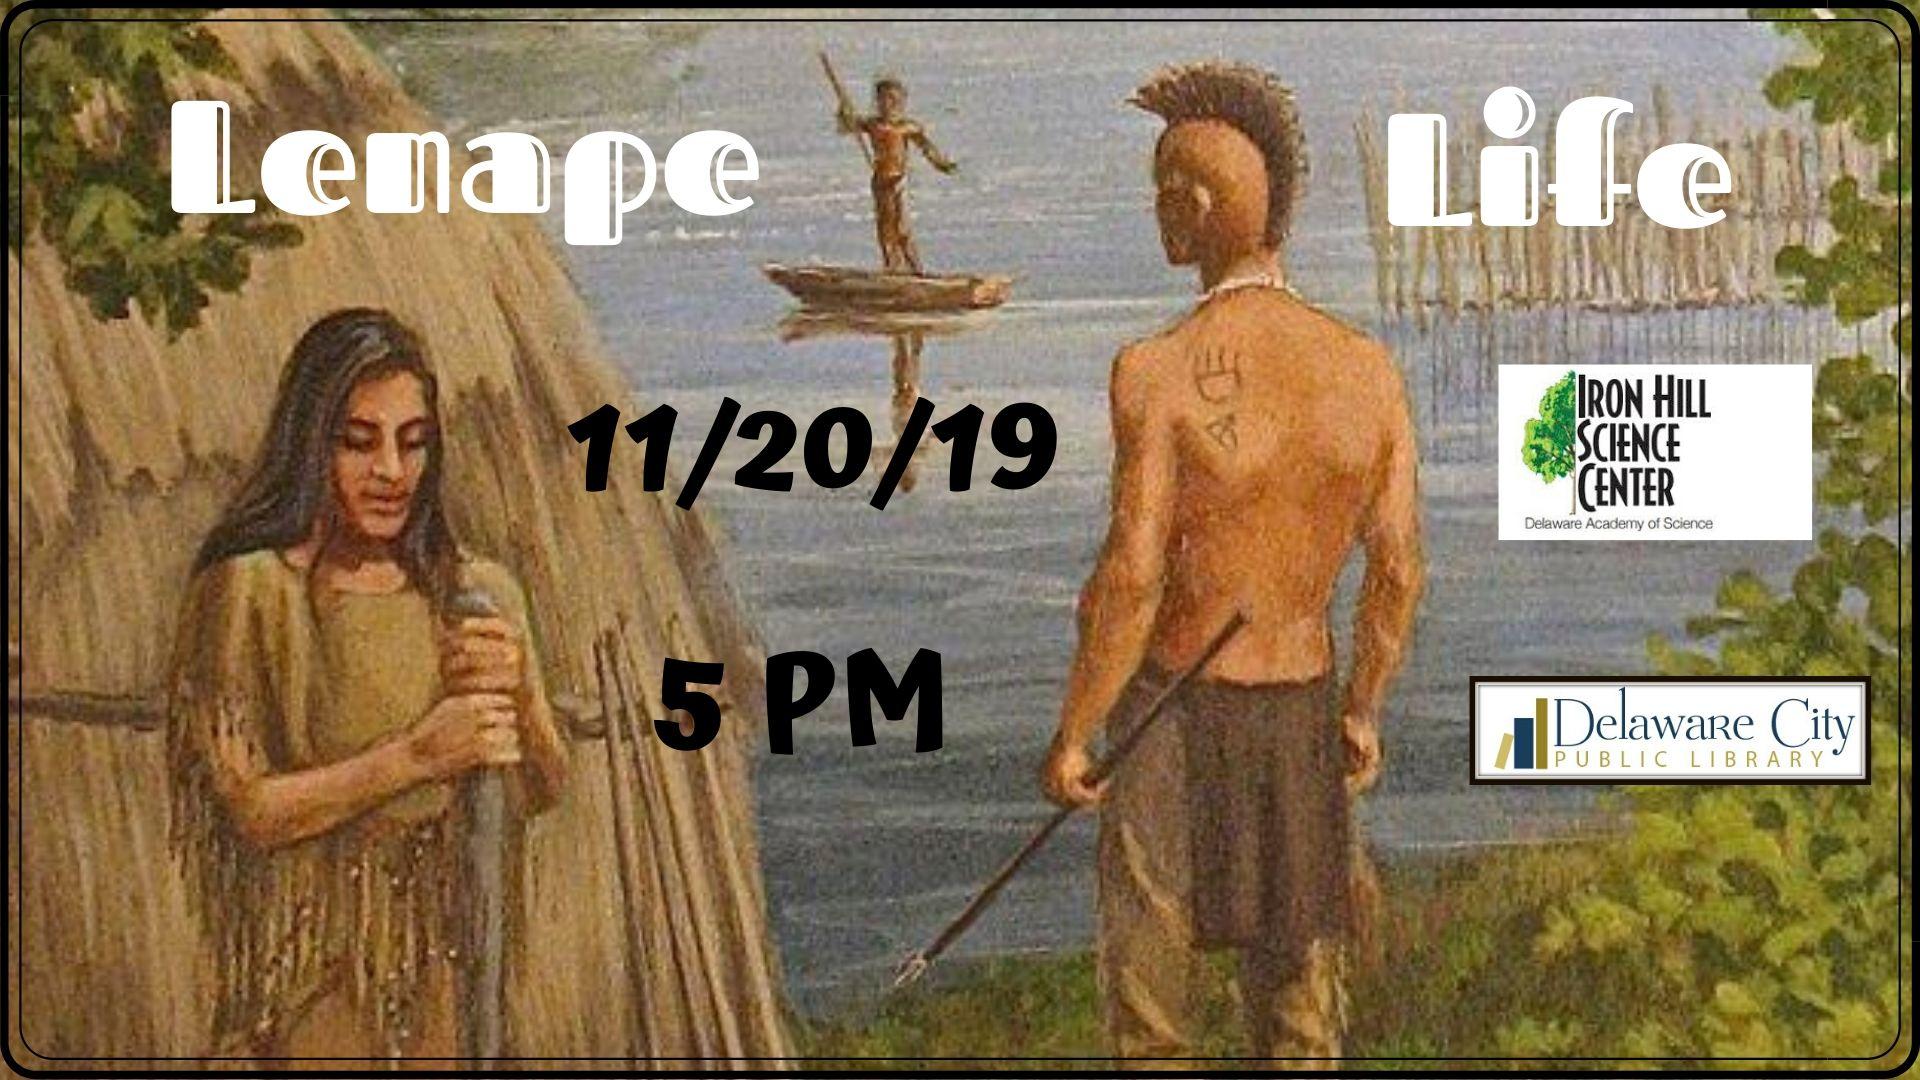 Lenape Life